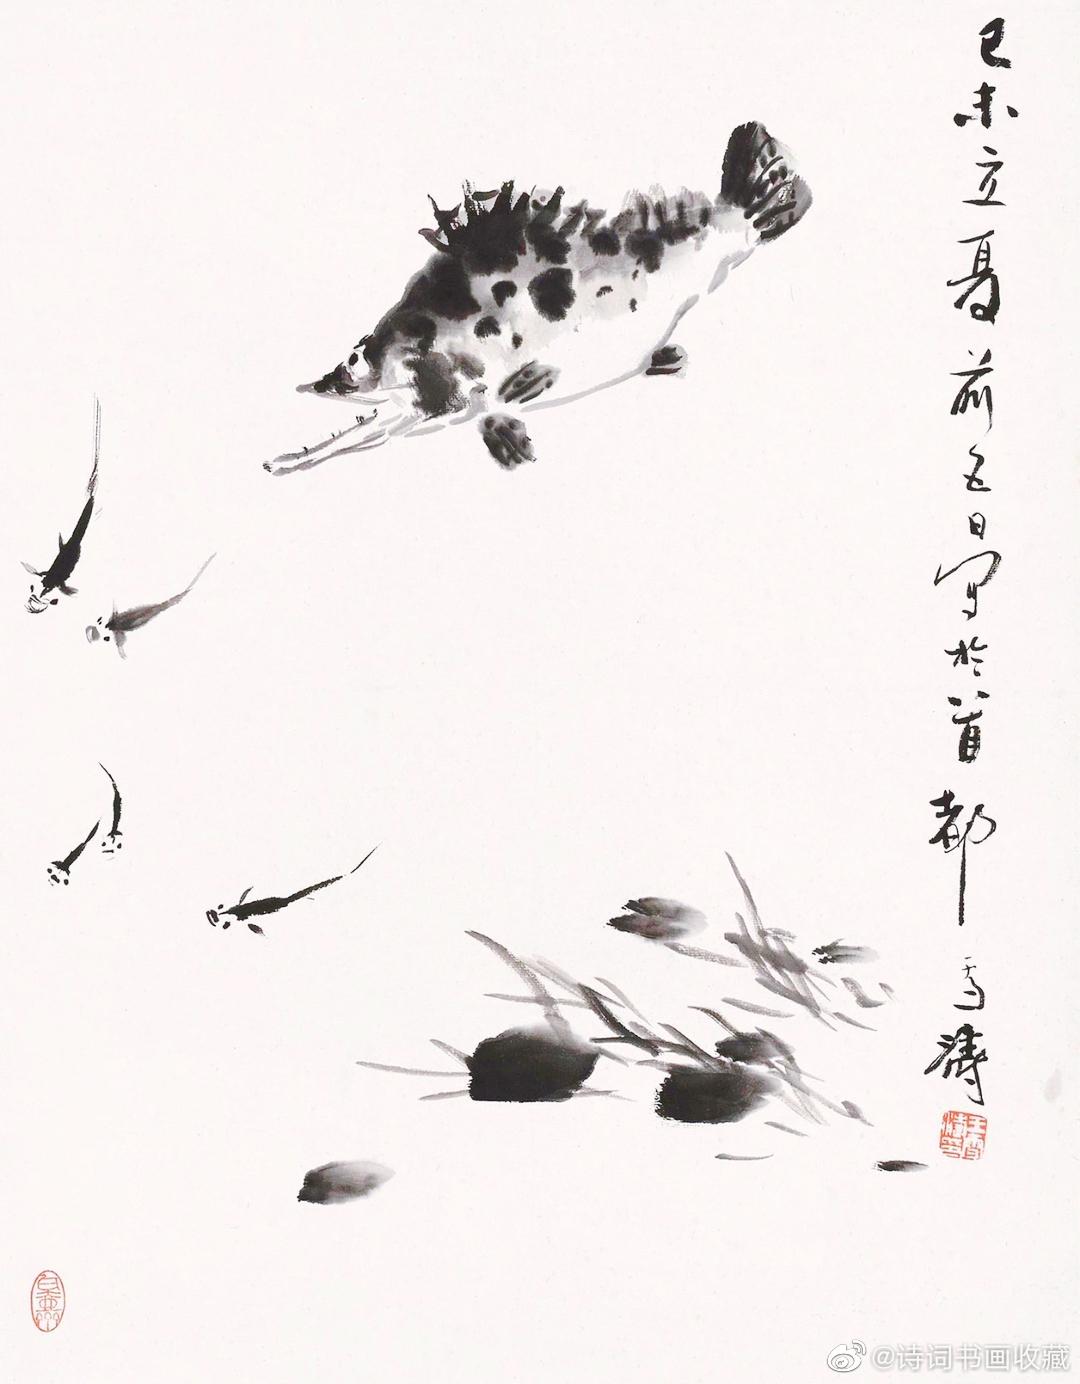 王雪涛 墨笔花鸟欣赏